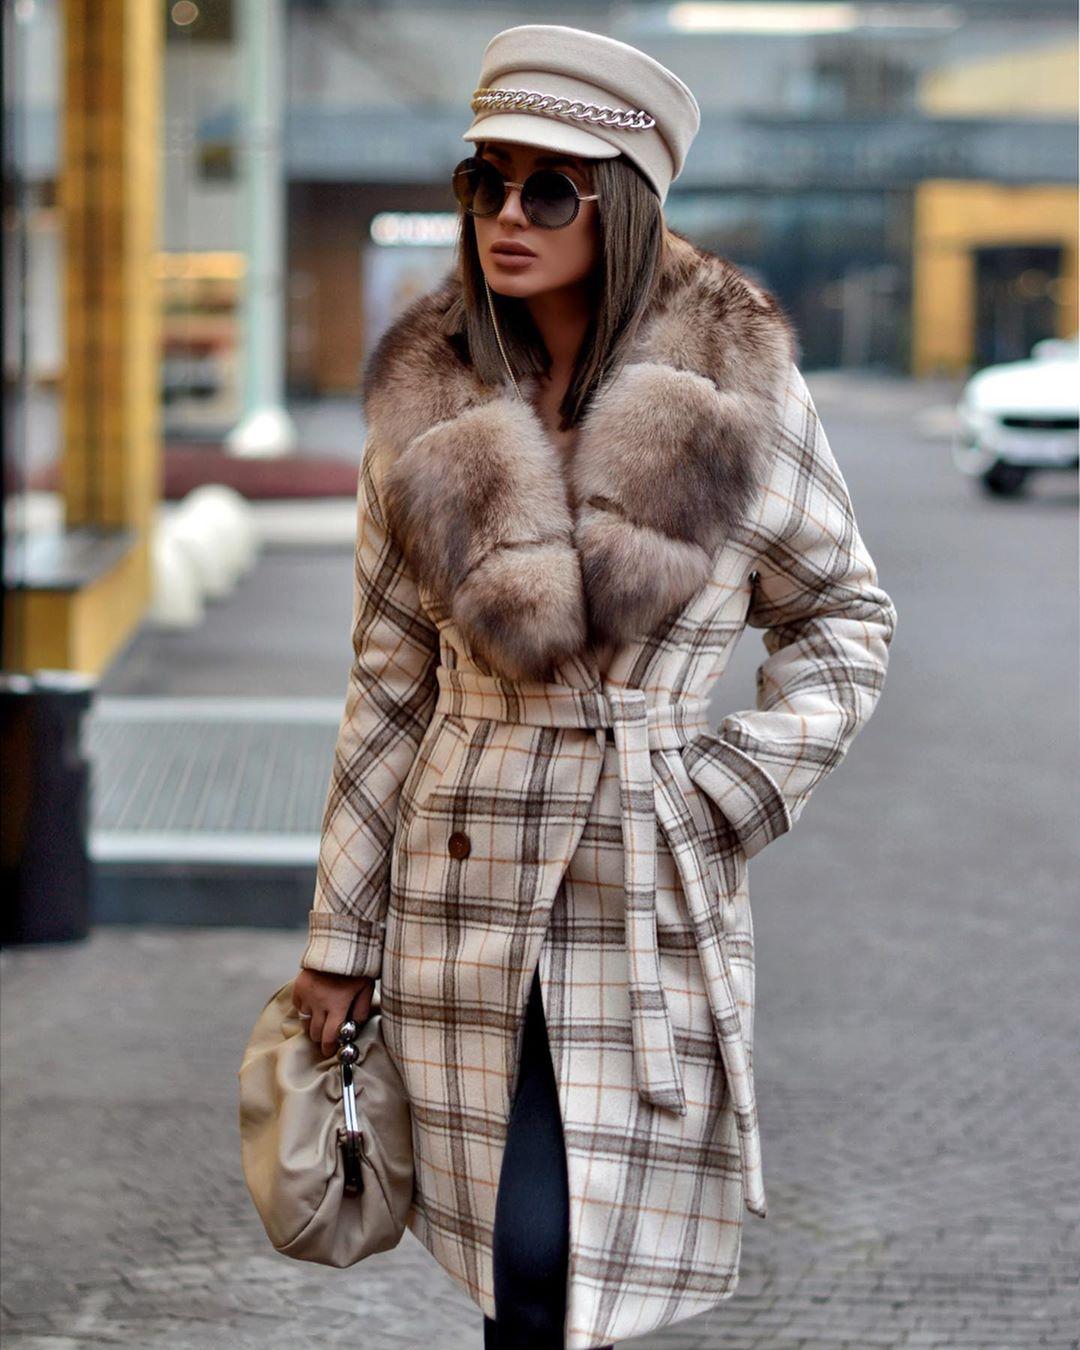 Пальто зимнее с мехом 2020 фото 9